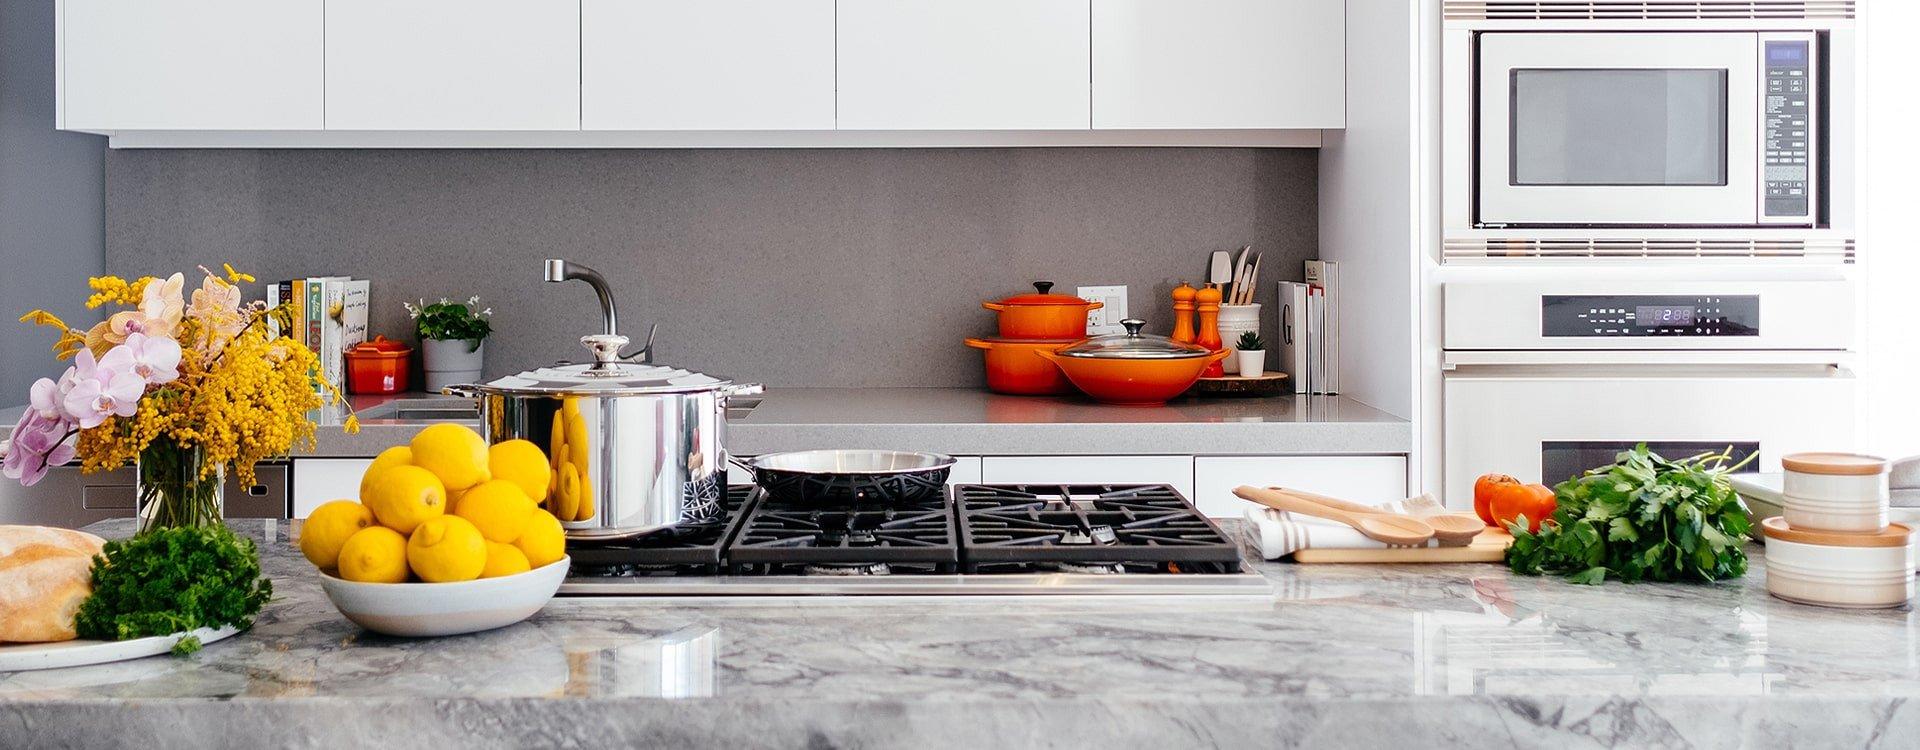 Akcesoria do kuchni, czyli jak odpowiednio wyposażyć kuchnię?